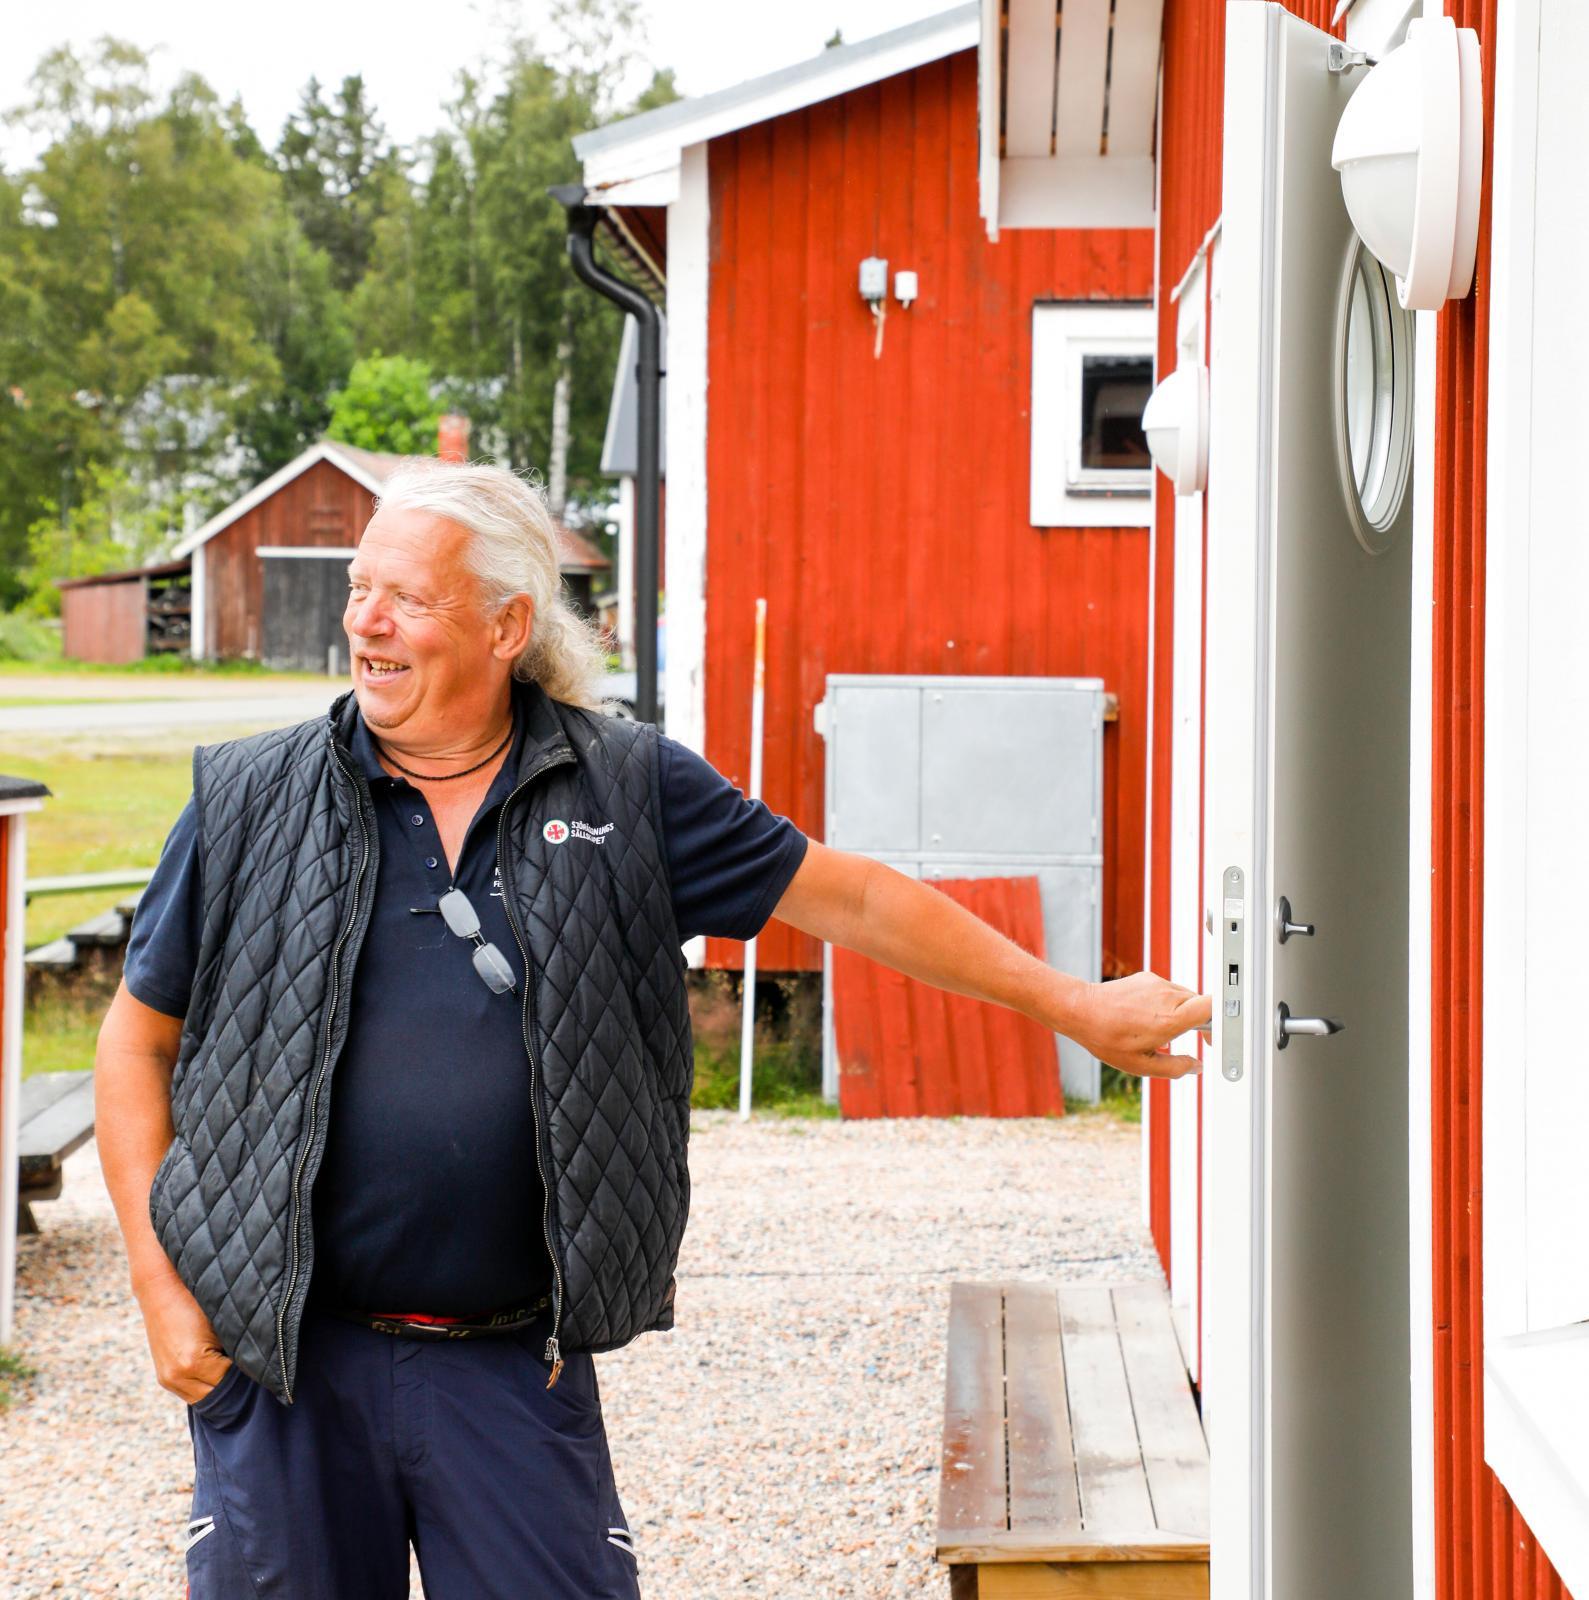 Lasse Johansson har tidigare varit värd på campingen, men hjälper numera till vid behov.